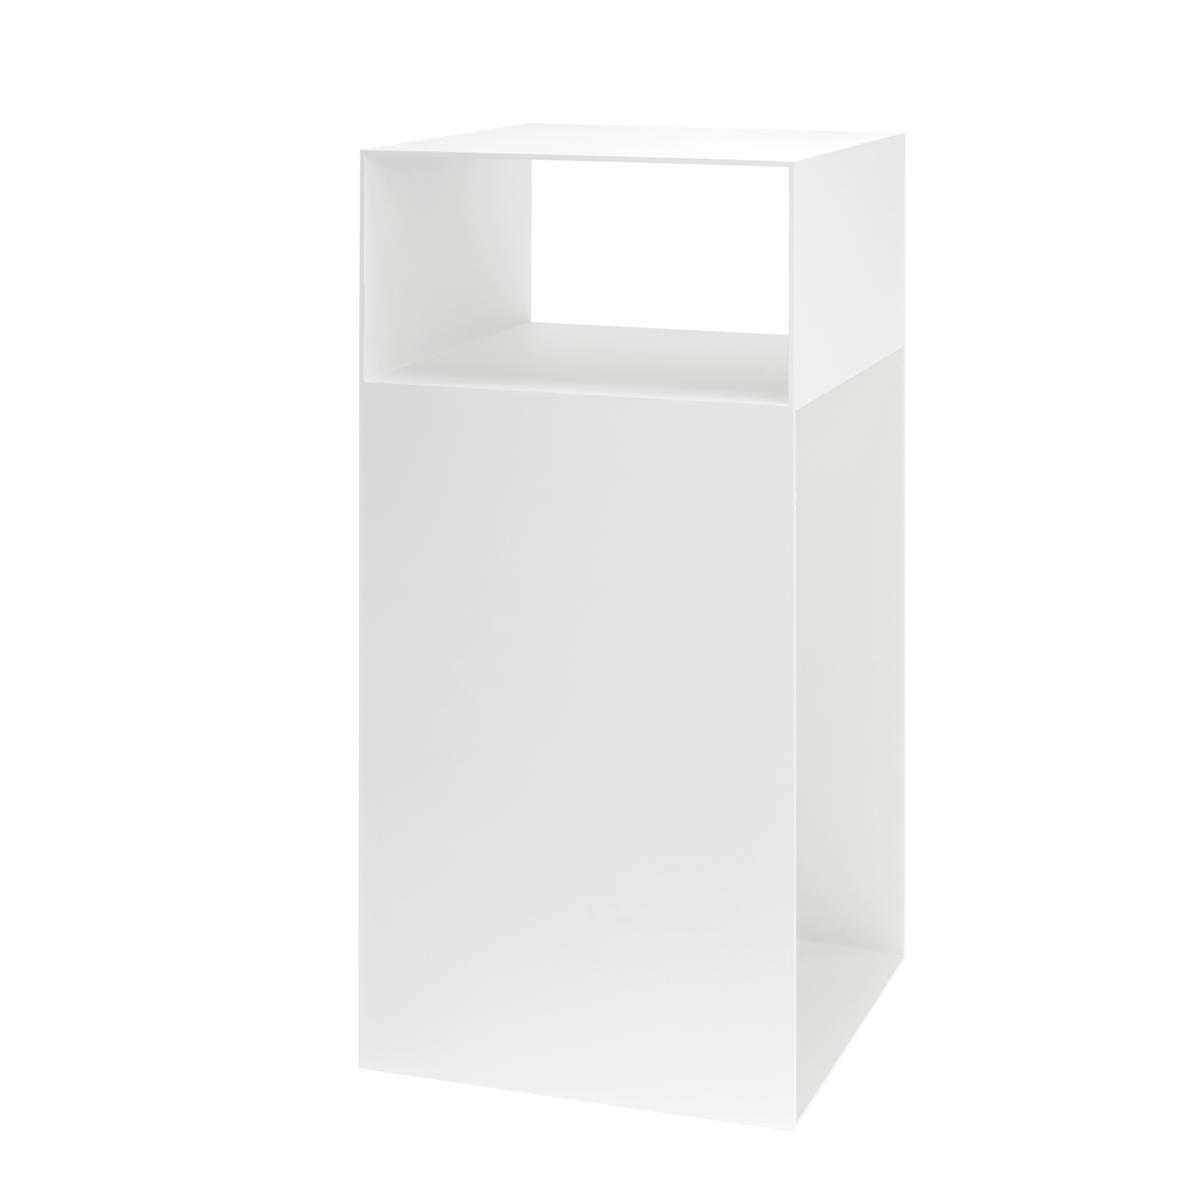 MATCH Beistelltisch T3 pulverbeschichtet weiß